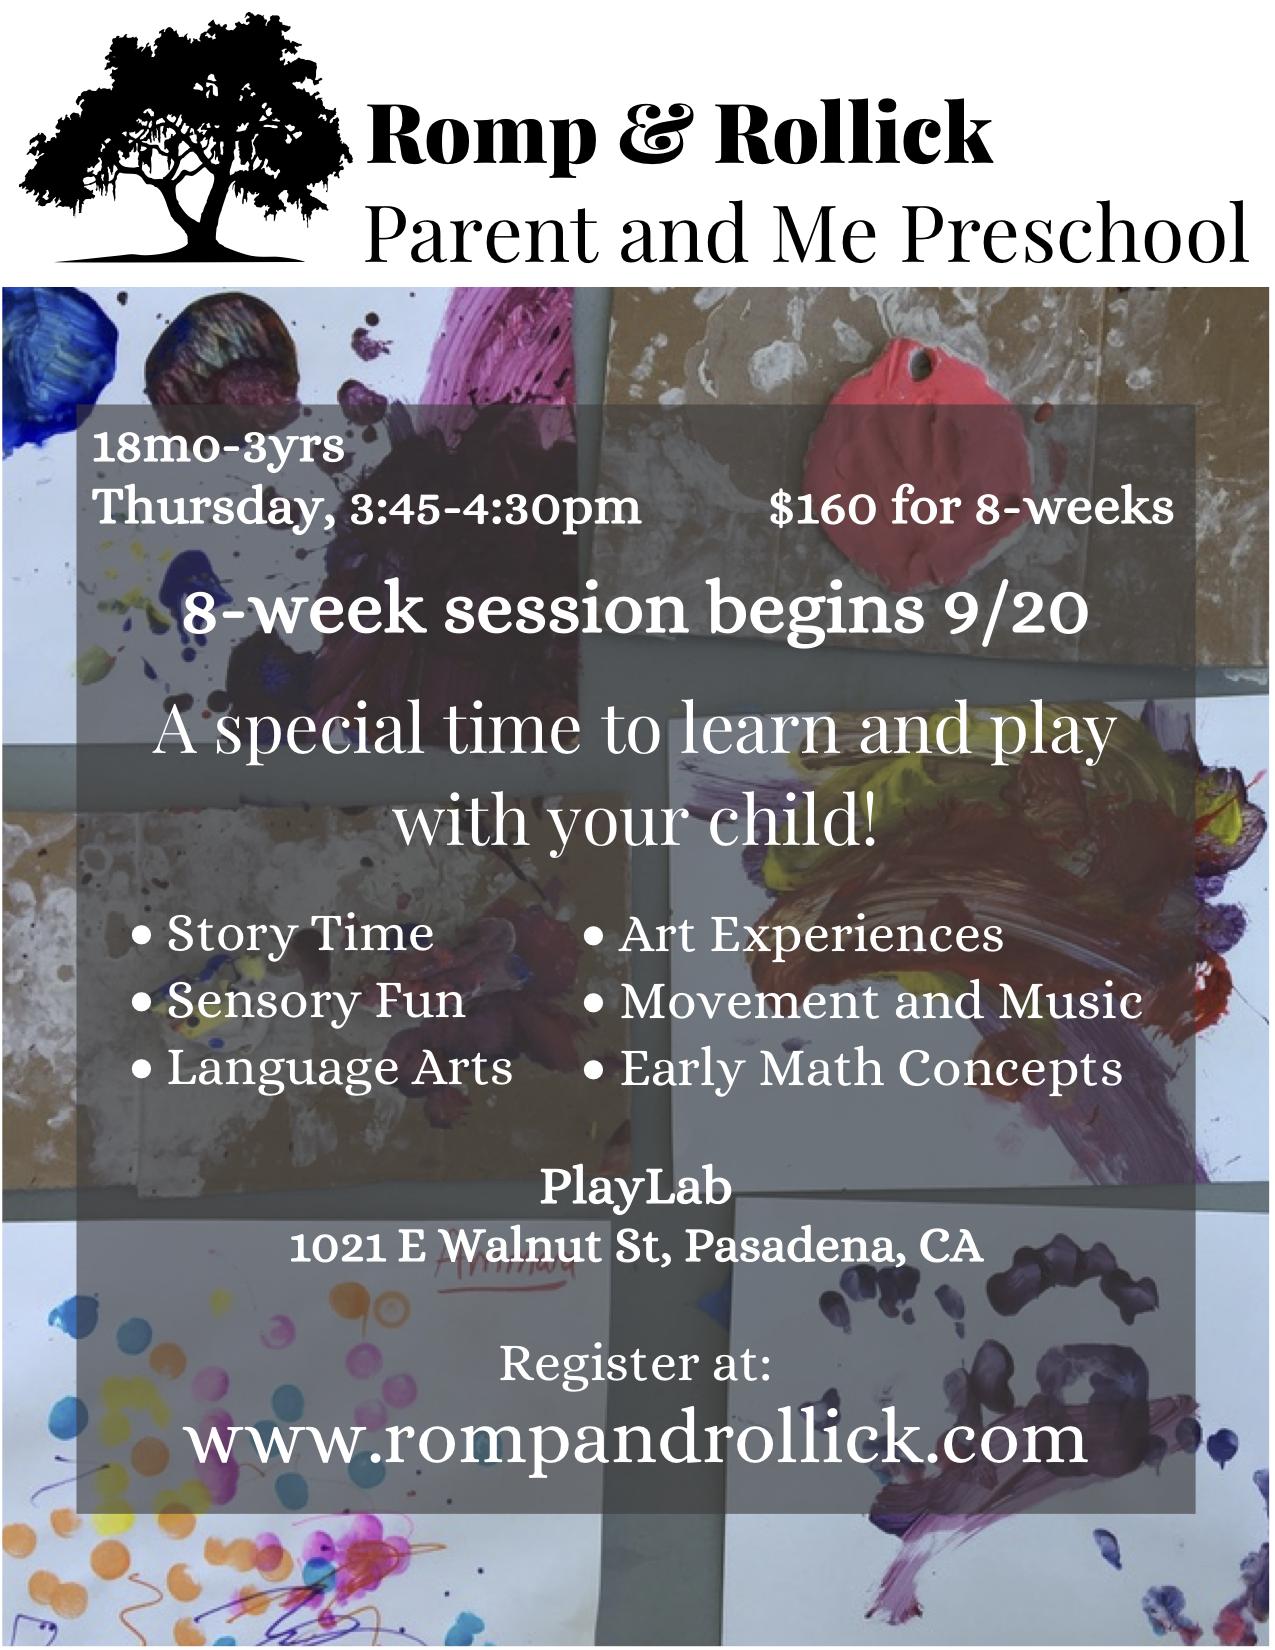 Parent and Me Preschool Flyer no dropin.png